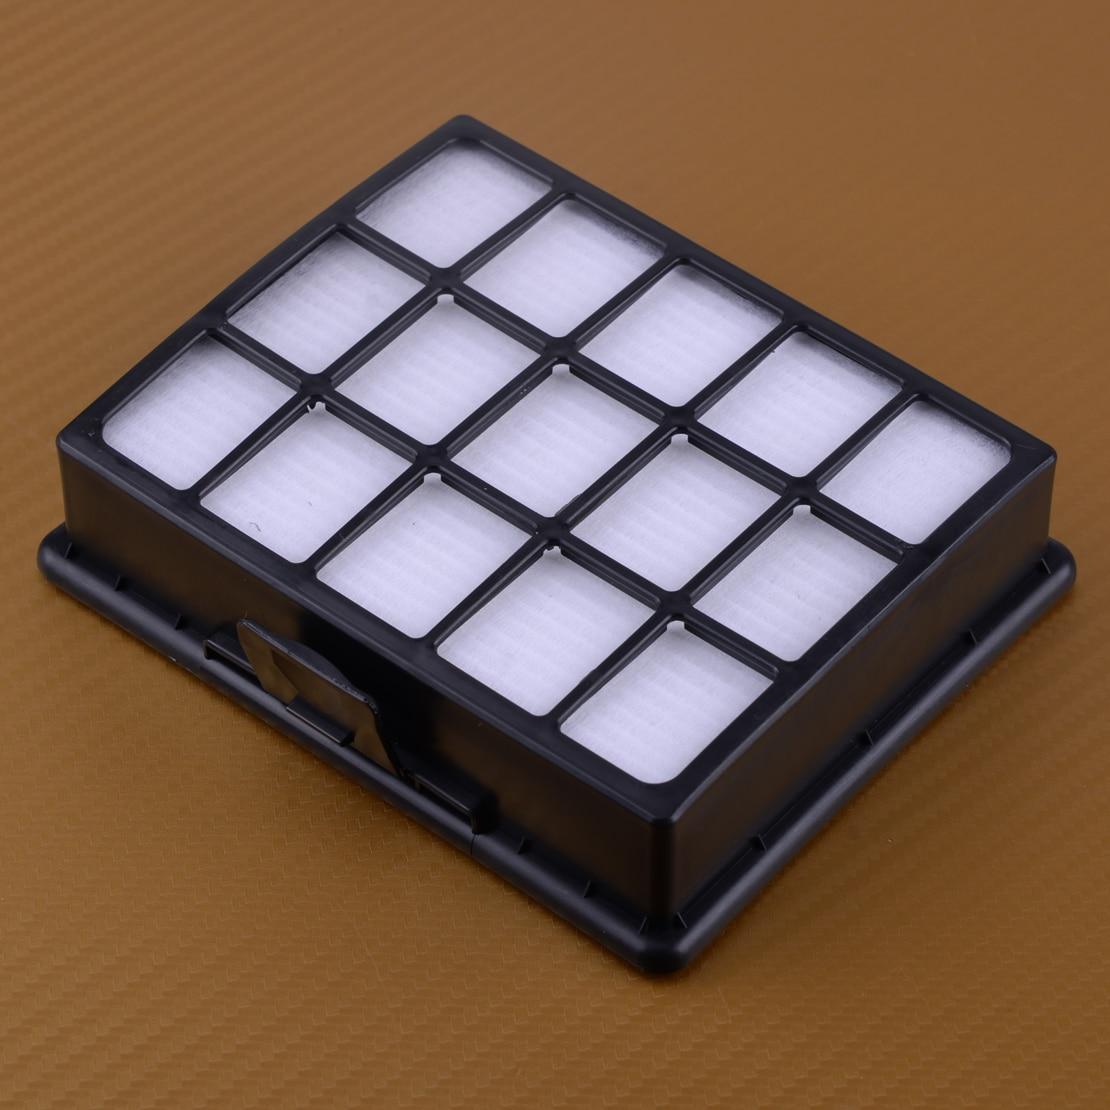 LETAOSK aspirateur poussière HEPA filtre pièces de rechange Set de remplacement pour Samsung SC6520 SC6530 SC6532 SC6540 SC6550 DJ97-00492A